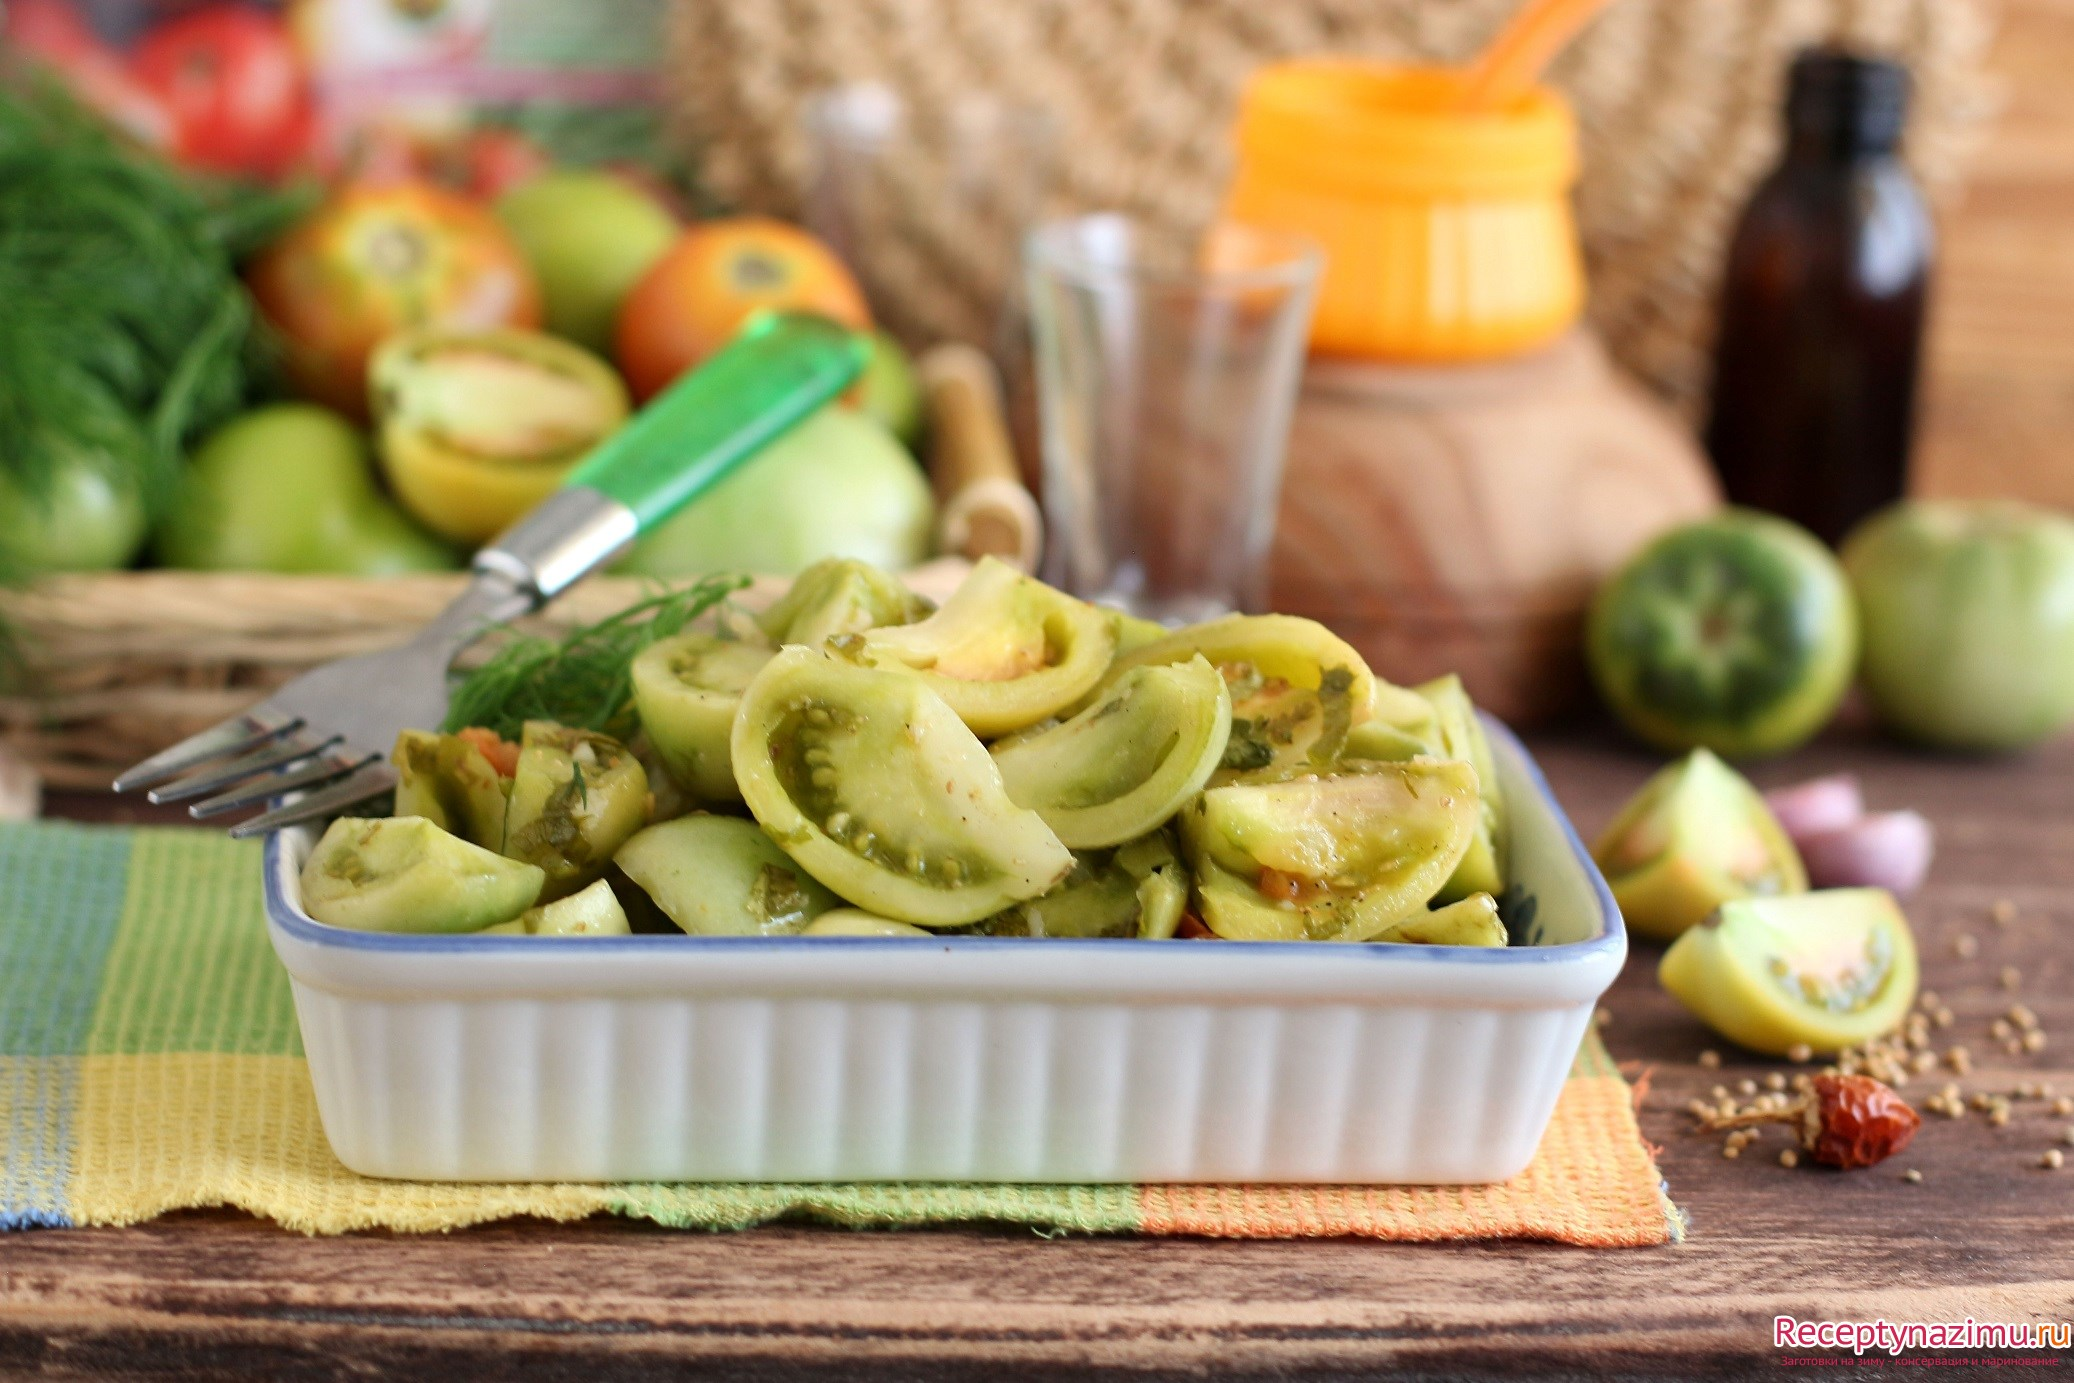 Картинки по запросу Зеленые соленые помидоры, рецепты